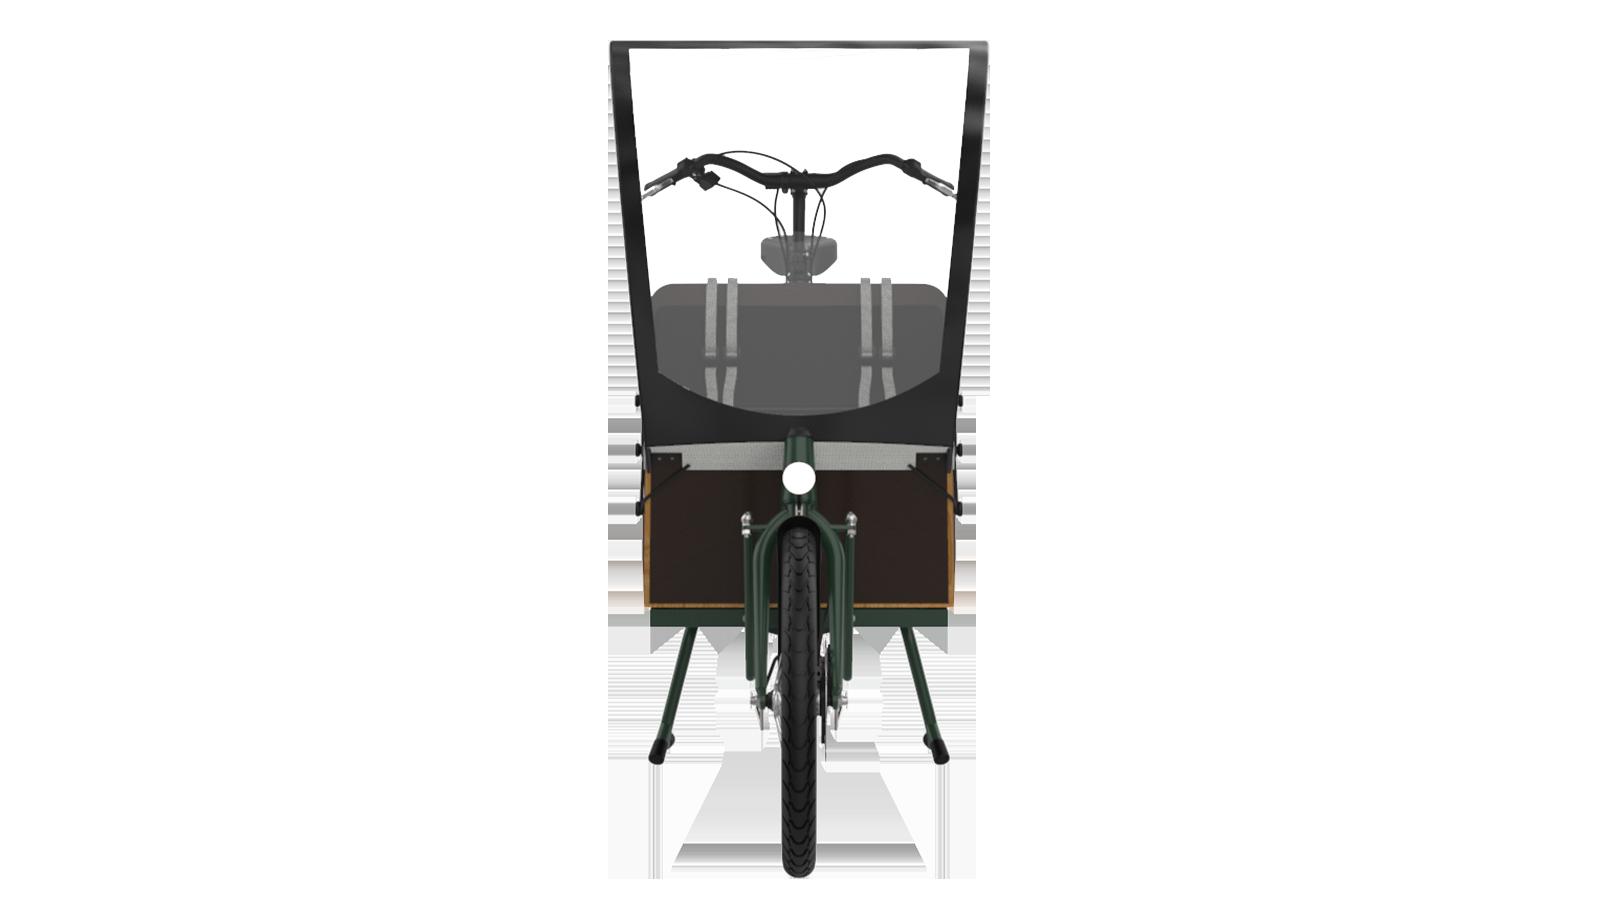 Bakfiets Lång framsidan med regnskydd och Shimano Motor